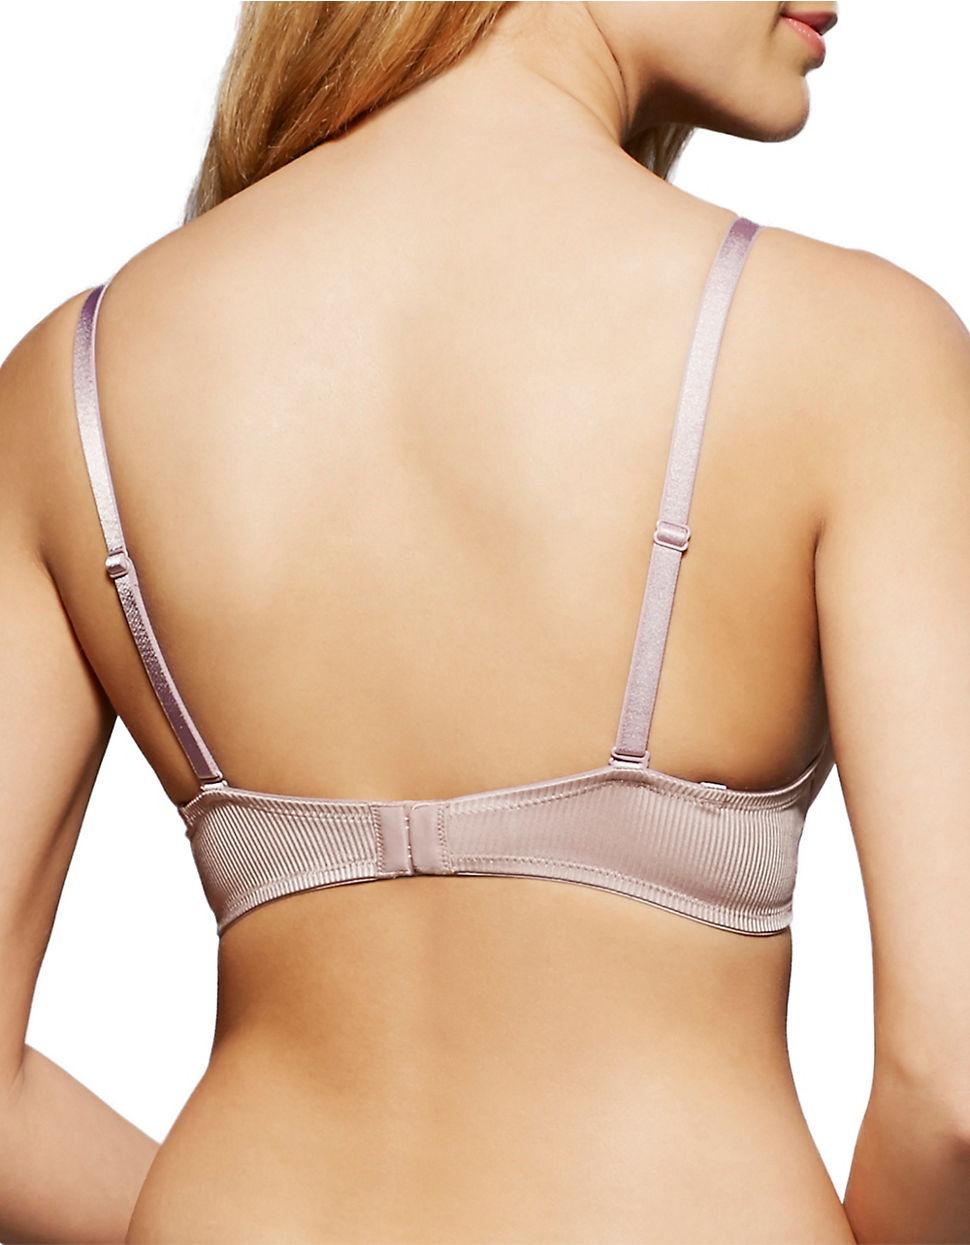 Fine line lingerie